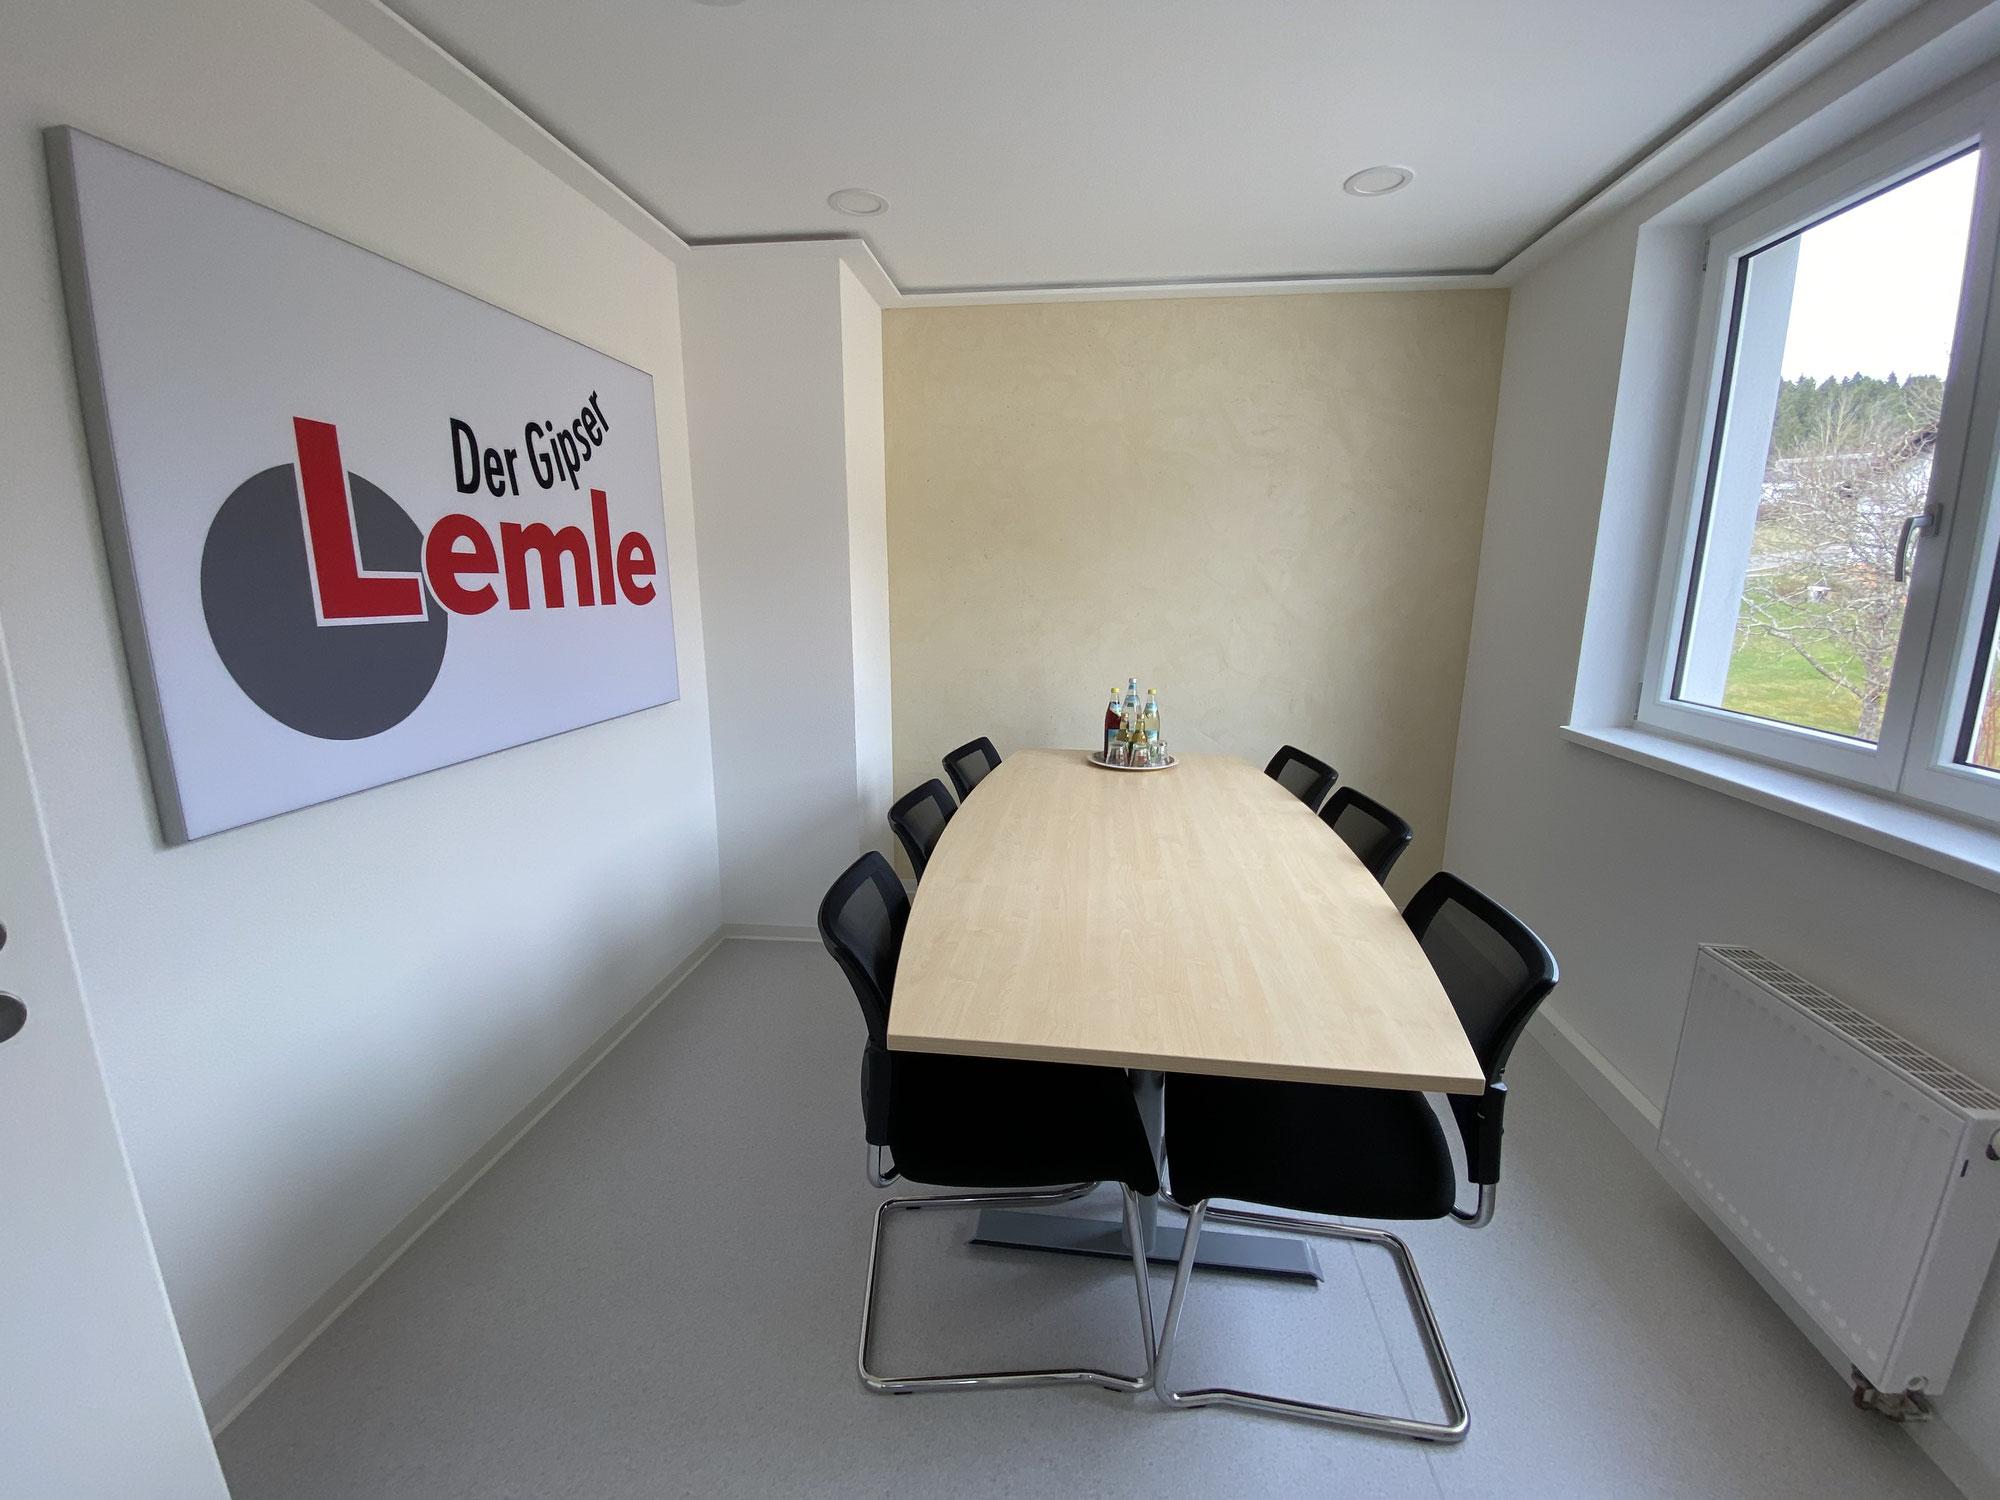 Unser neuer Besprechungsraum